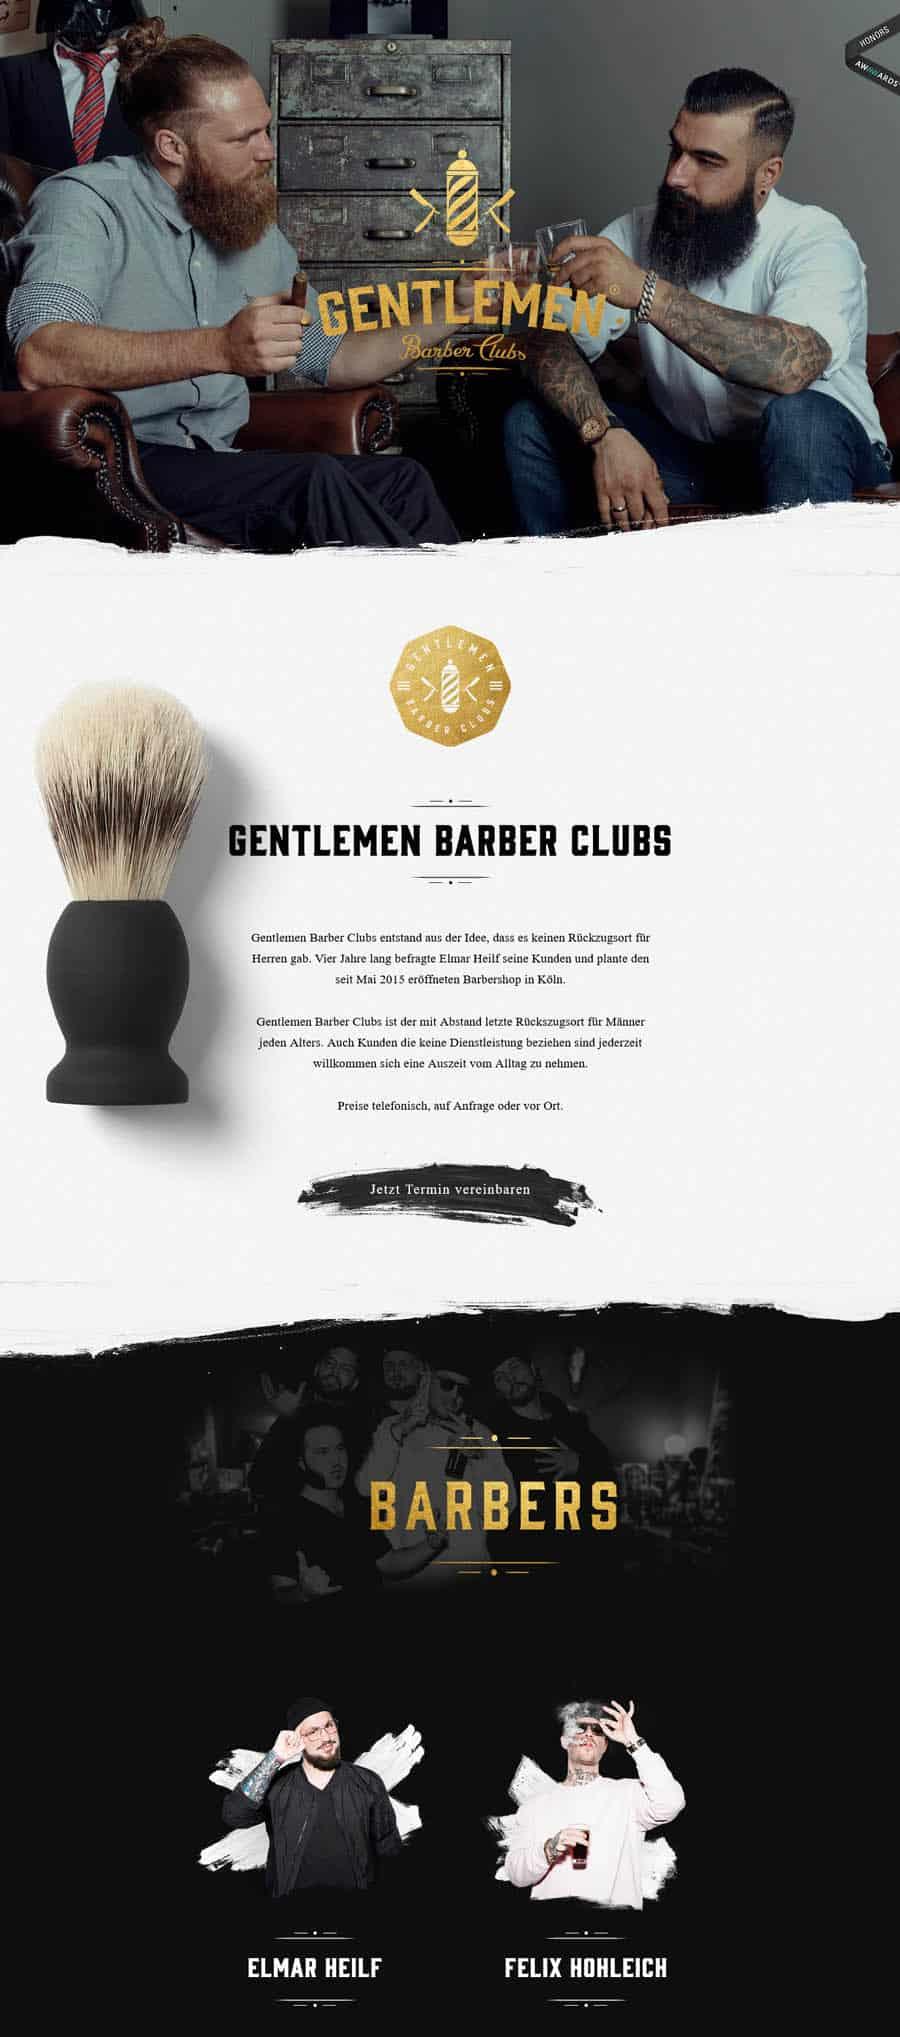 Website: Gentlemen Barber Clubs